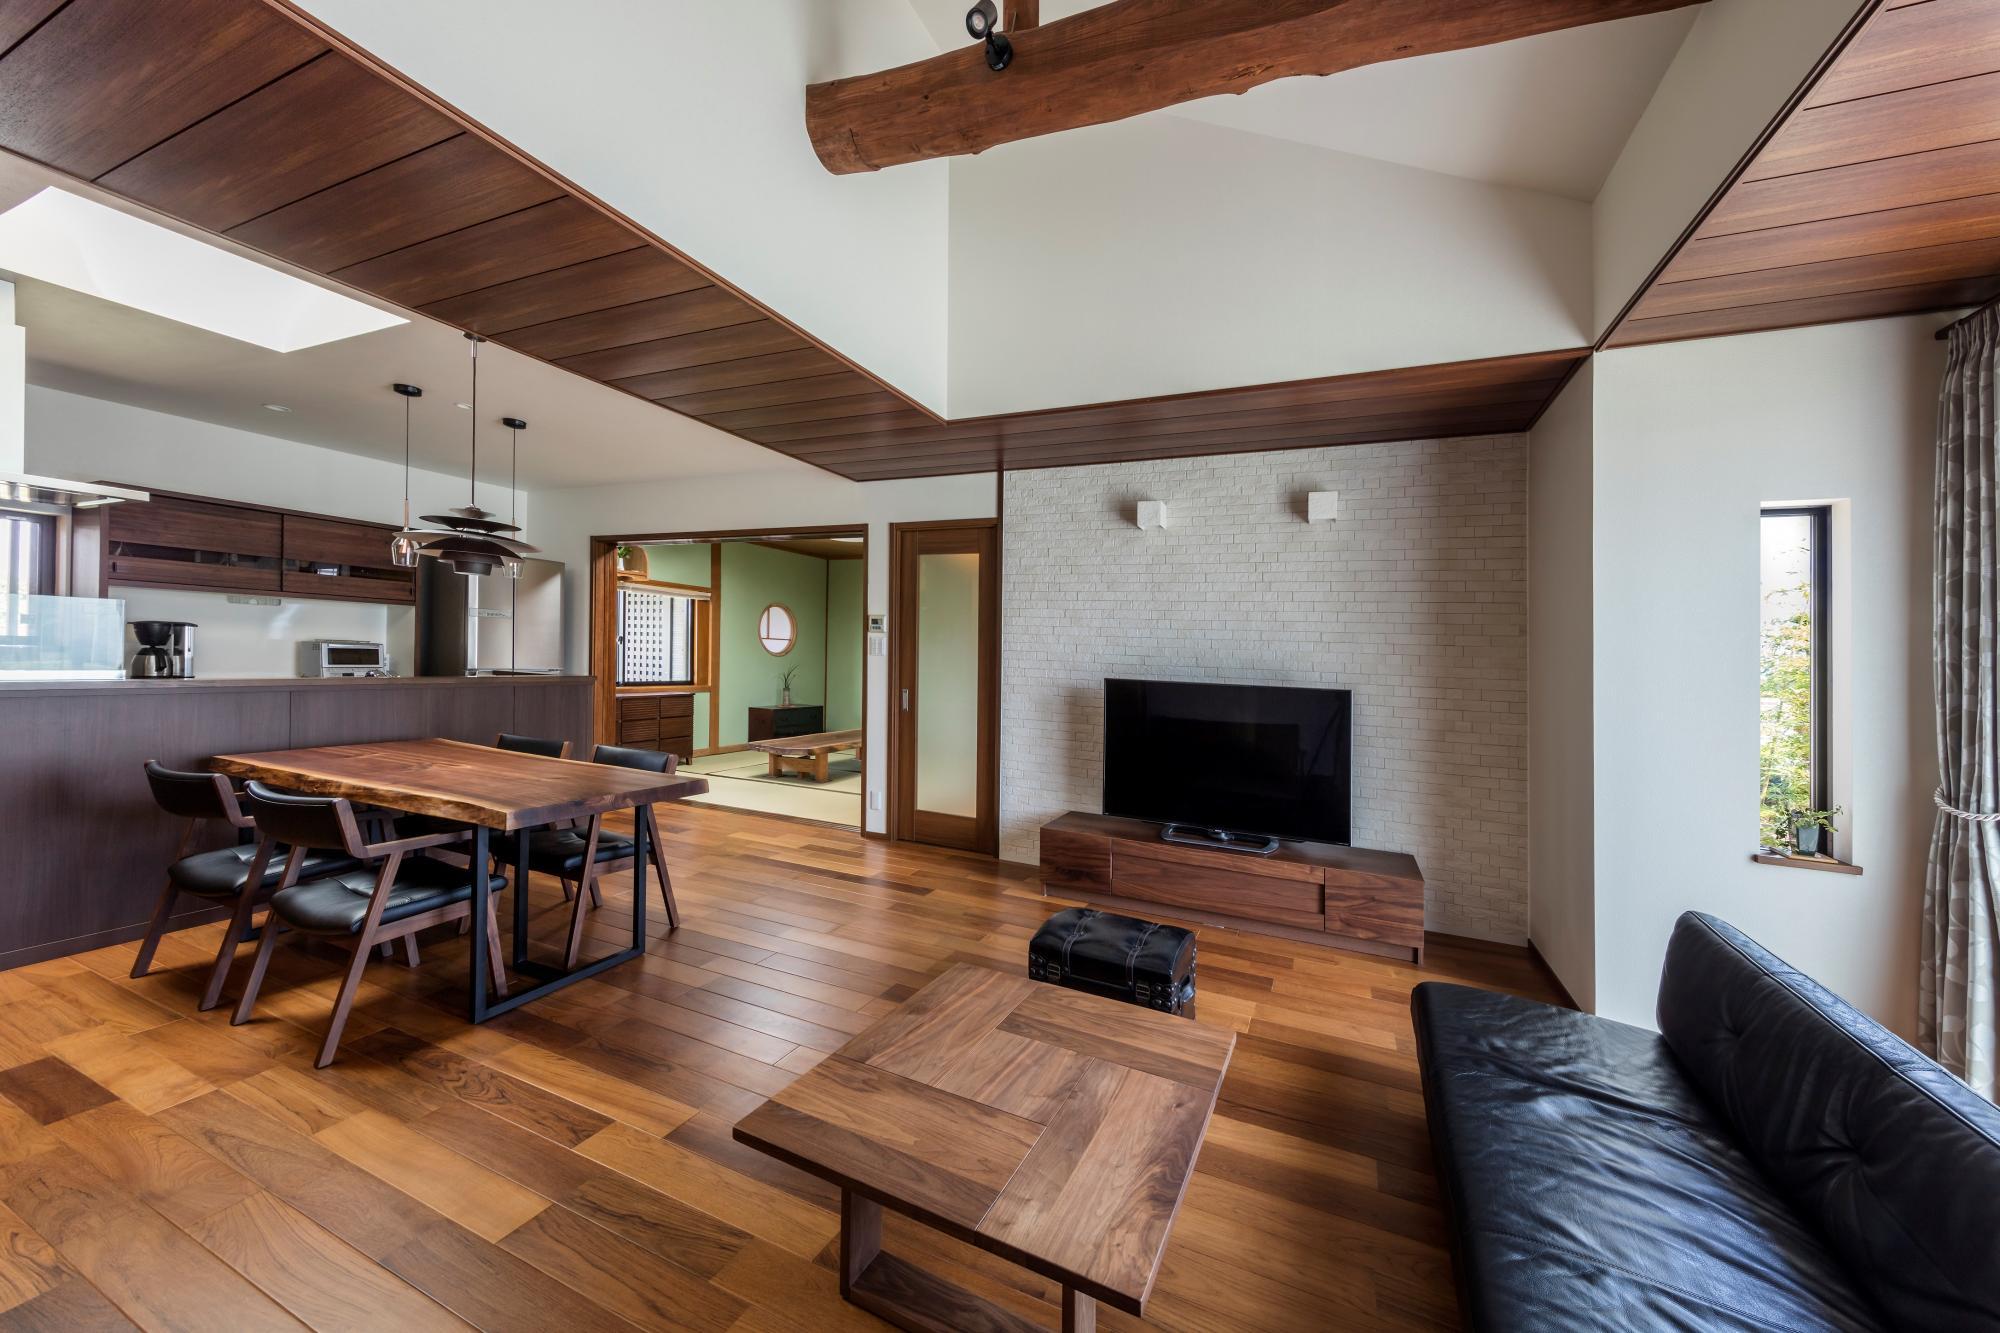 明るく広々としたLDK。リビングは丸太梁を見せた吹き抜けとし、梁補強のため一部下げた天井部分には木目の美しさを再現した天井材のハーモシーリングを採用。床はチークフロアとし、木質感あふれる落ち着いた空間を演出した。TV背面の壁には湿気を防ぎ、空気をきれいにするエコカラットを張り、室内環境にも配慮した。